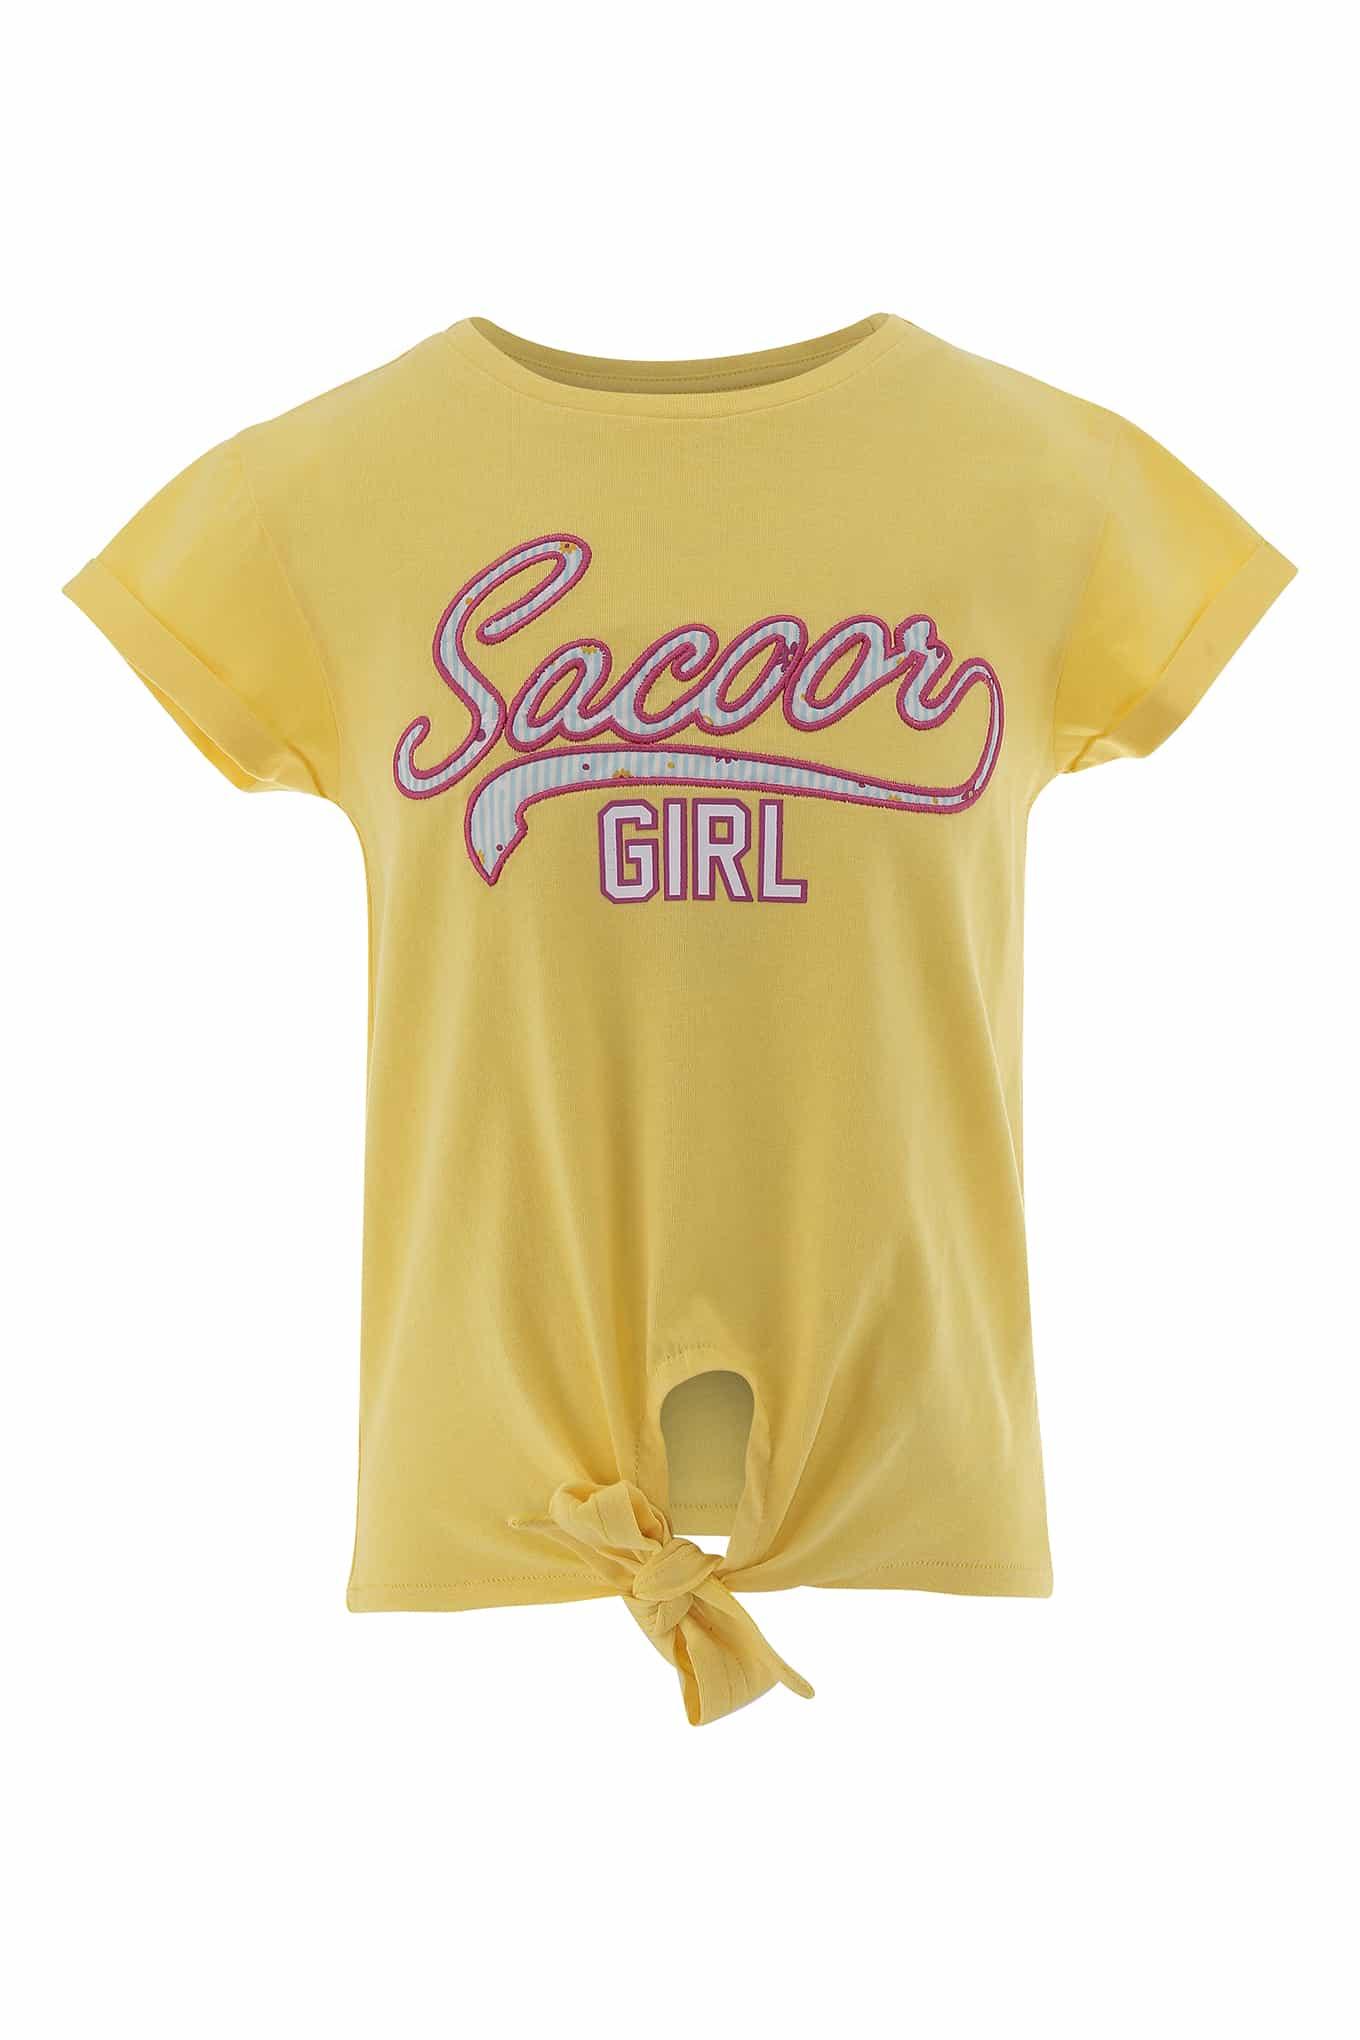 T-Shirt Light Yellow Sport Girl